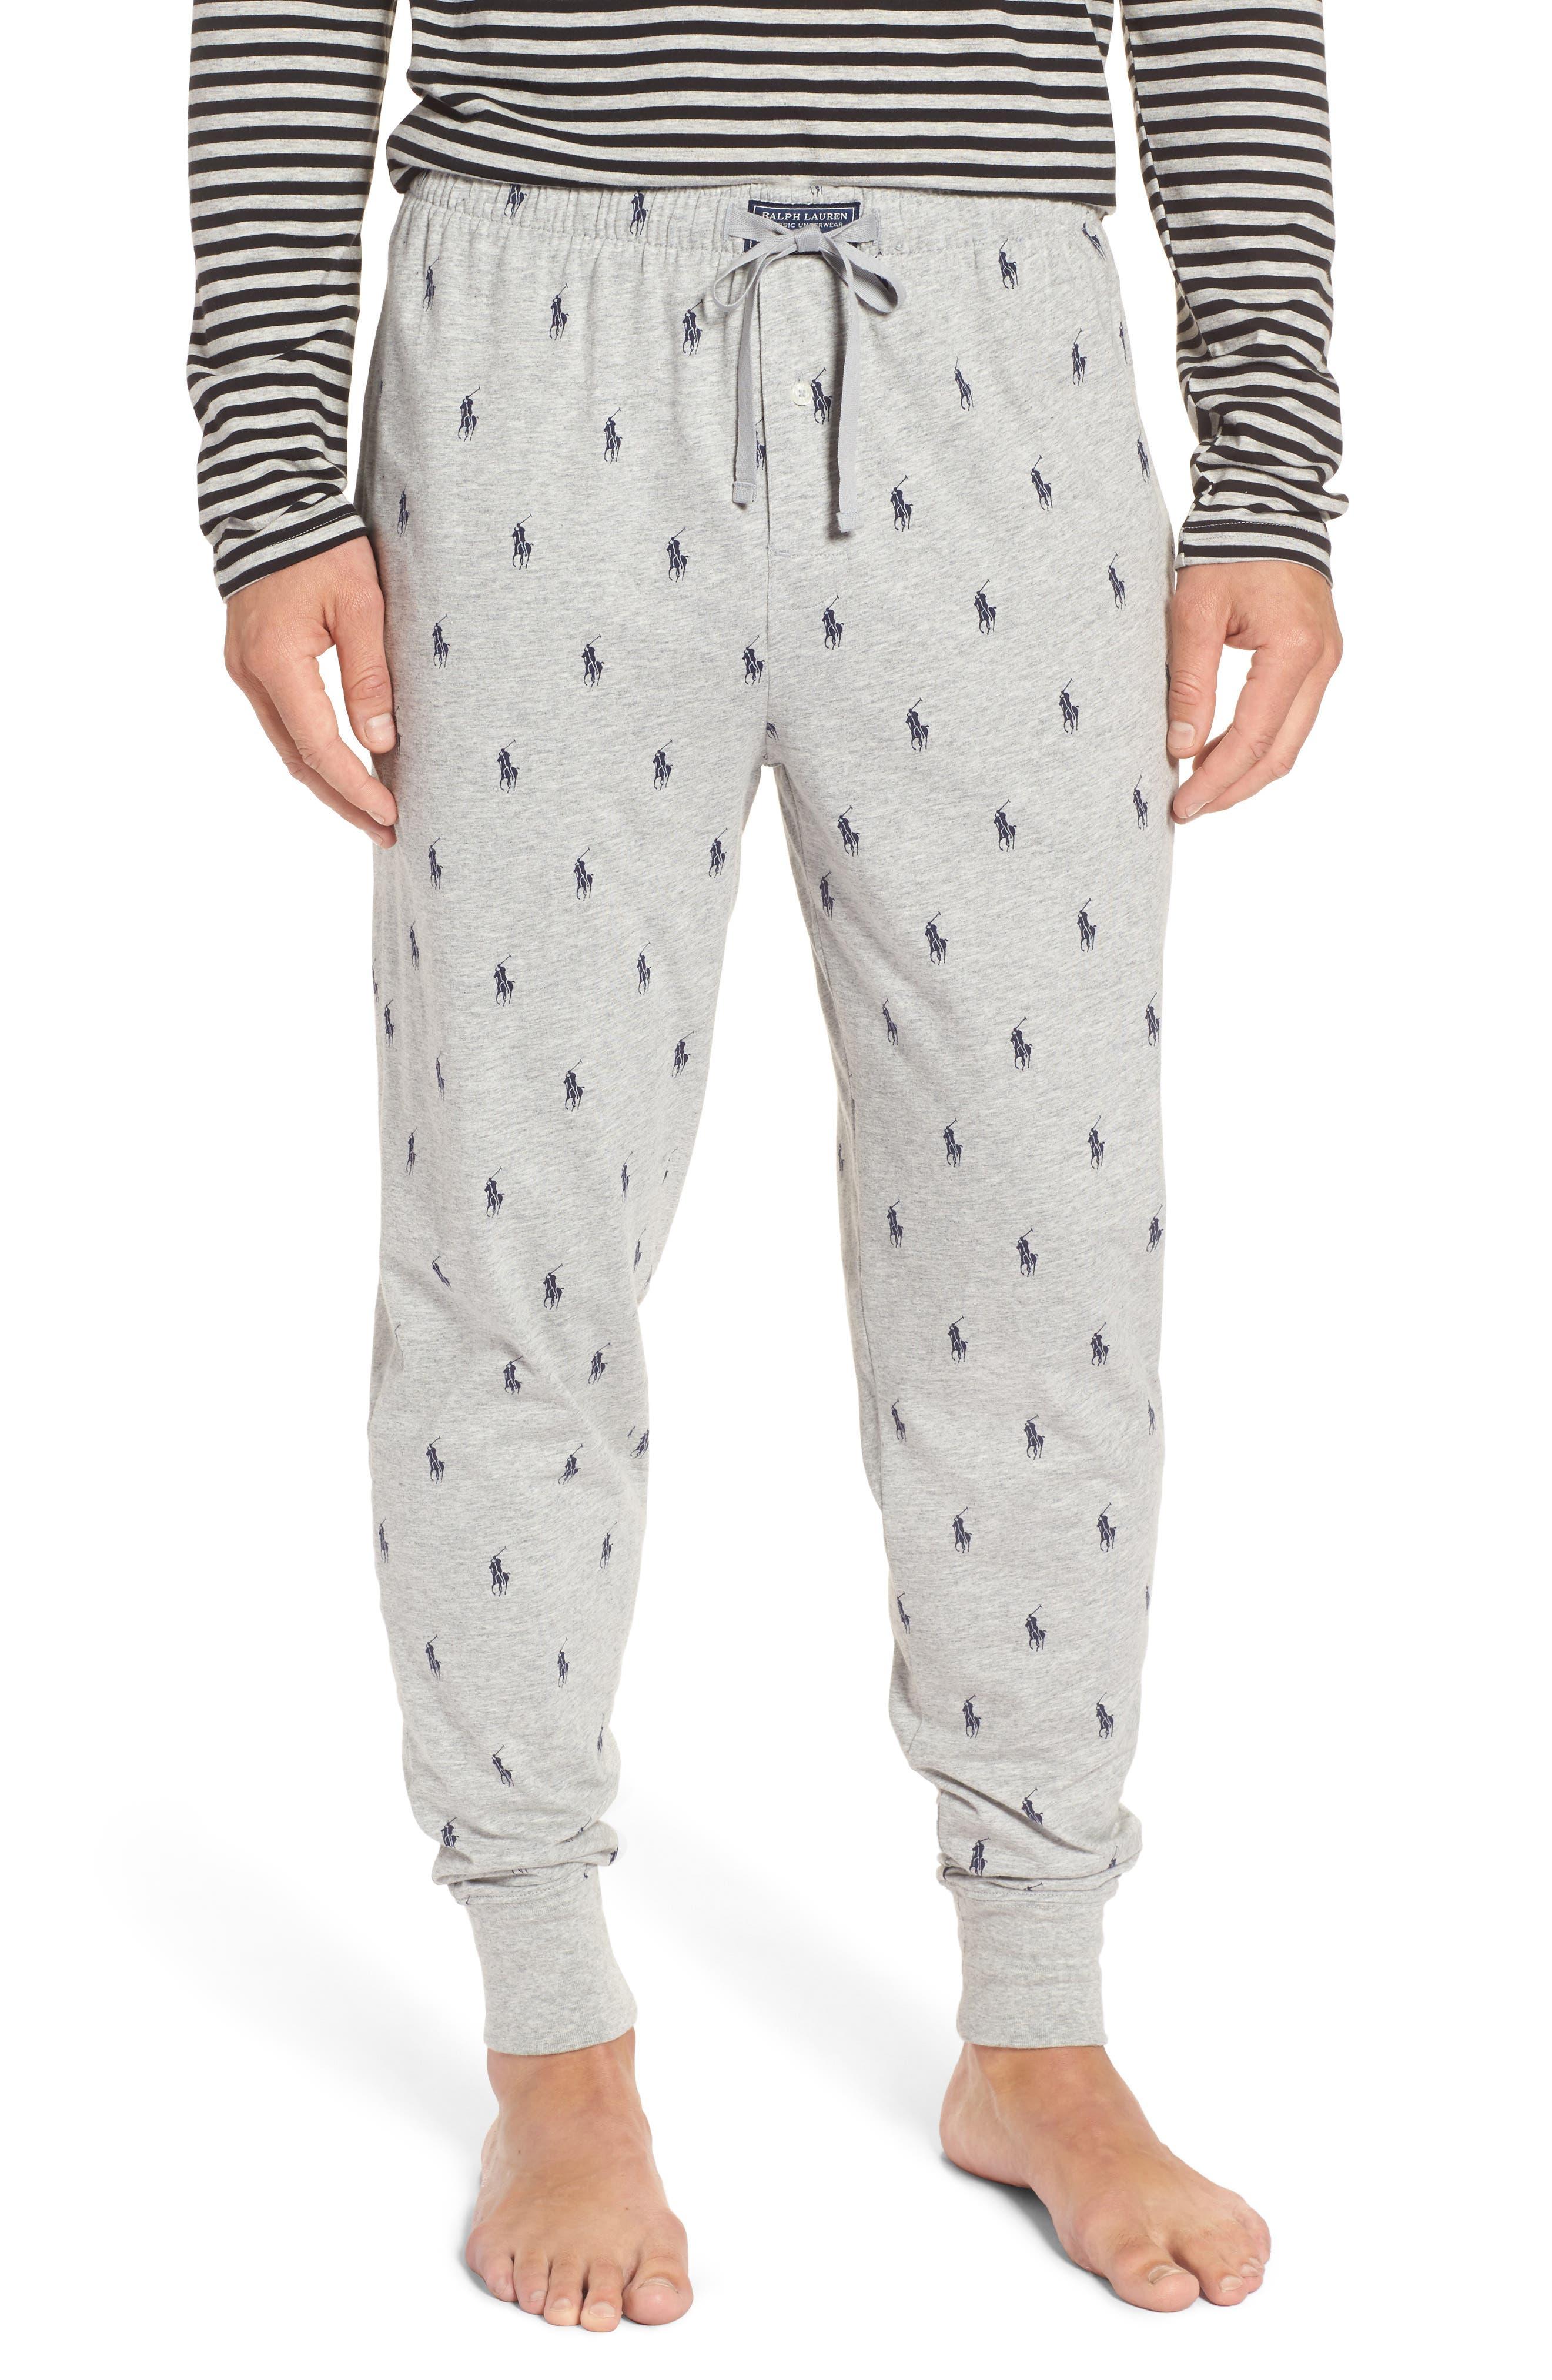 POLO RALPH LAUREN Pony Print Pajama Pants, Main, color, ANDOVER GREY